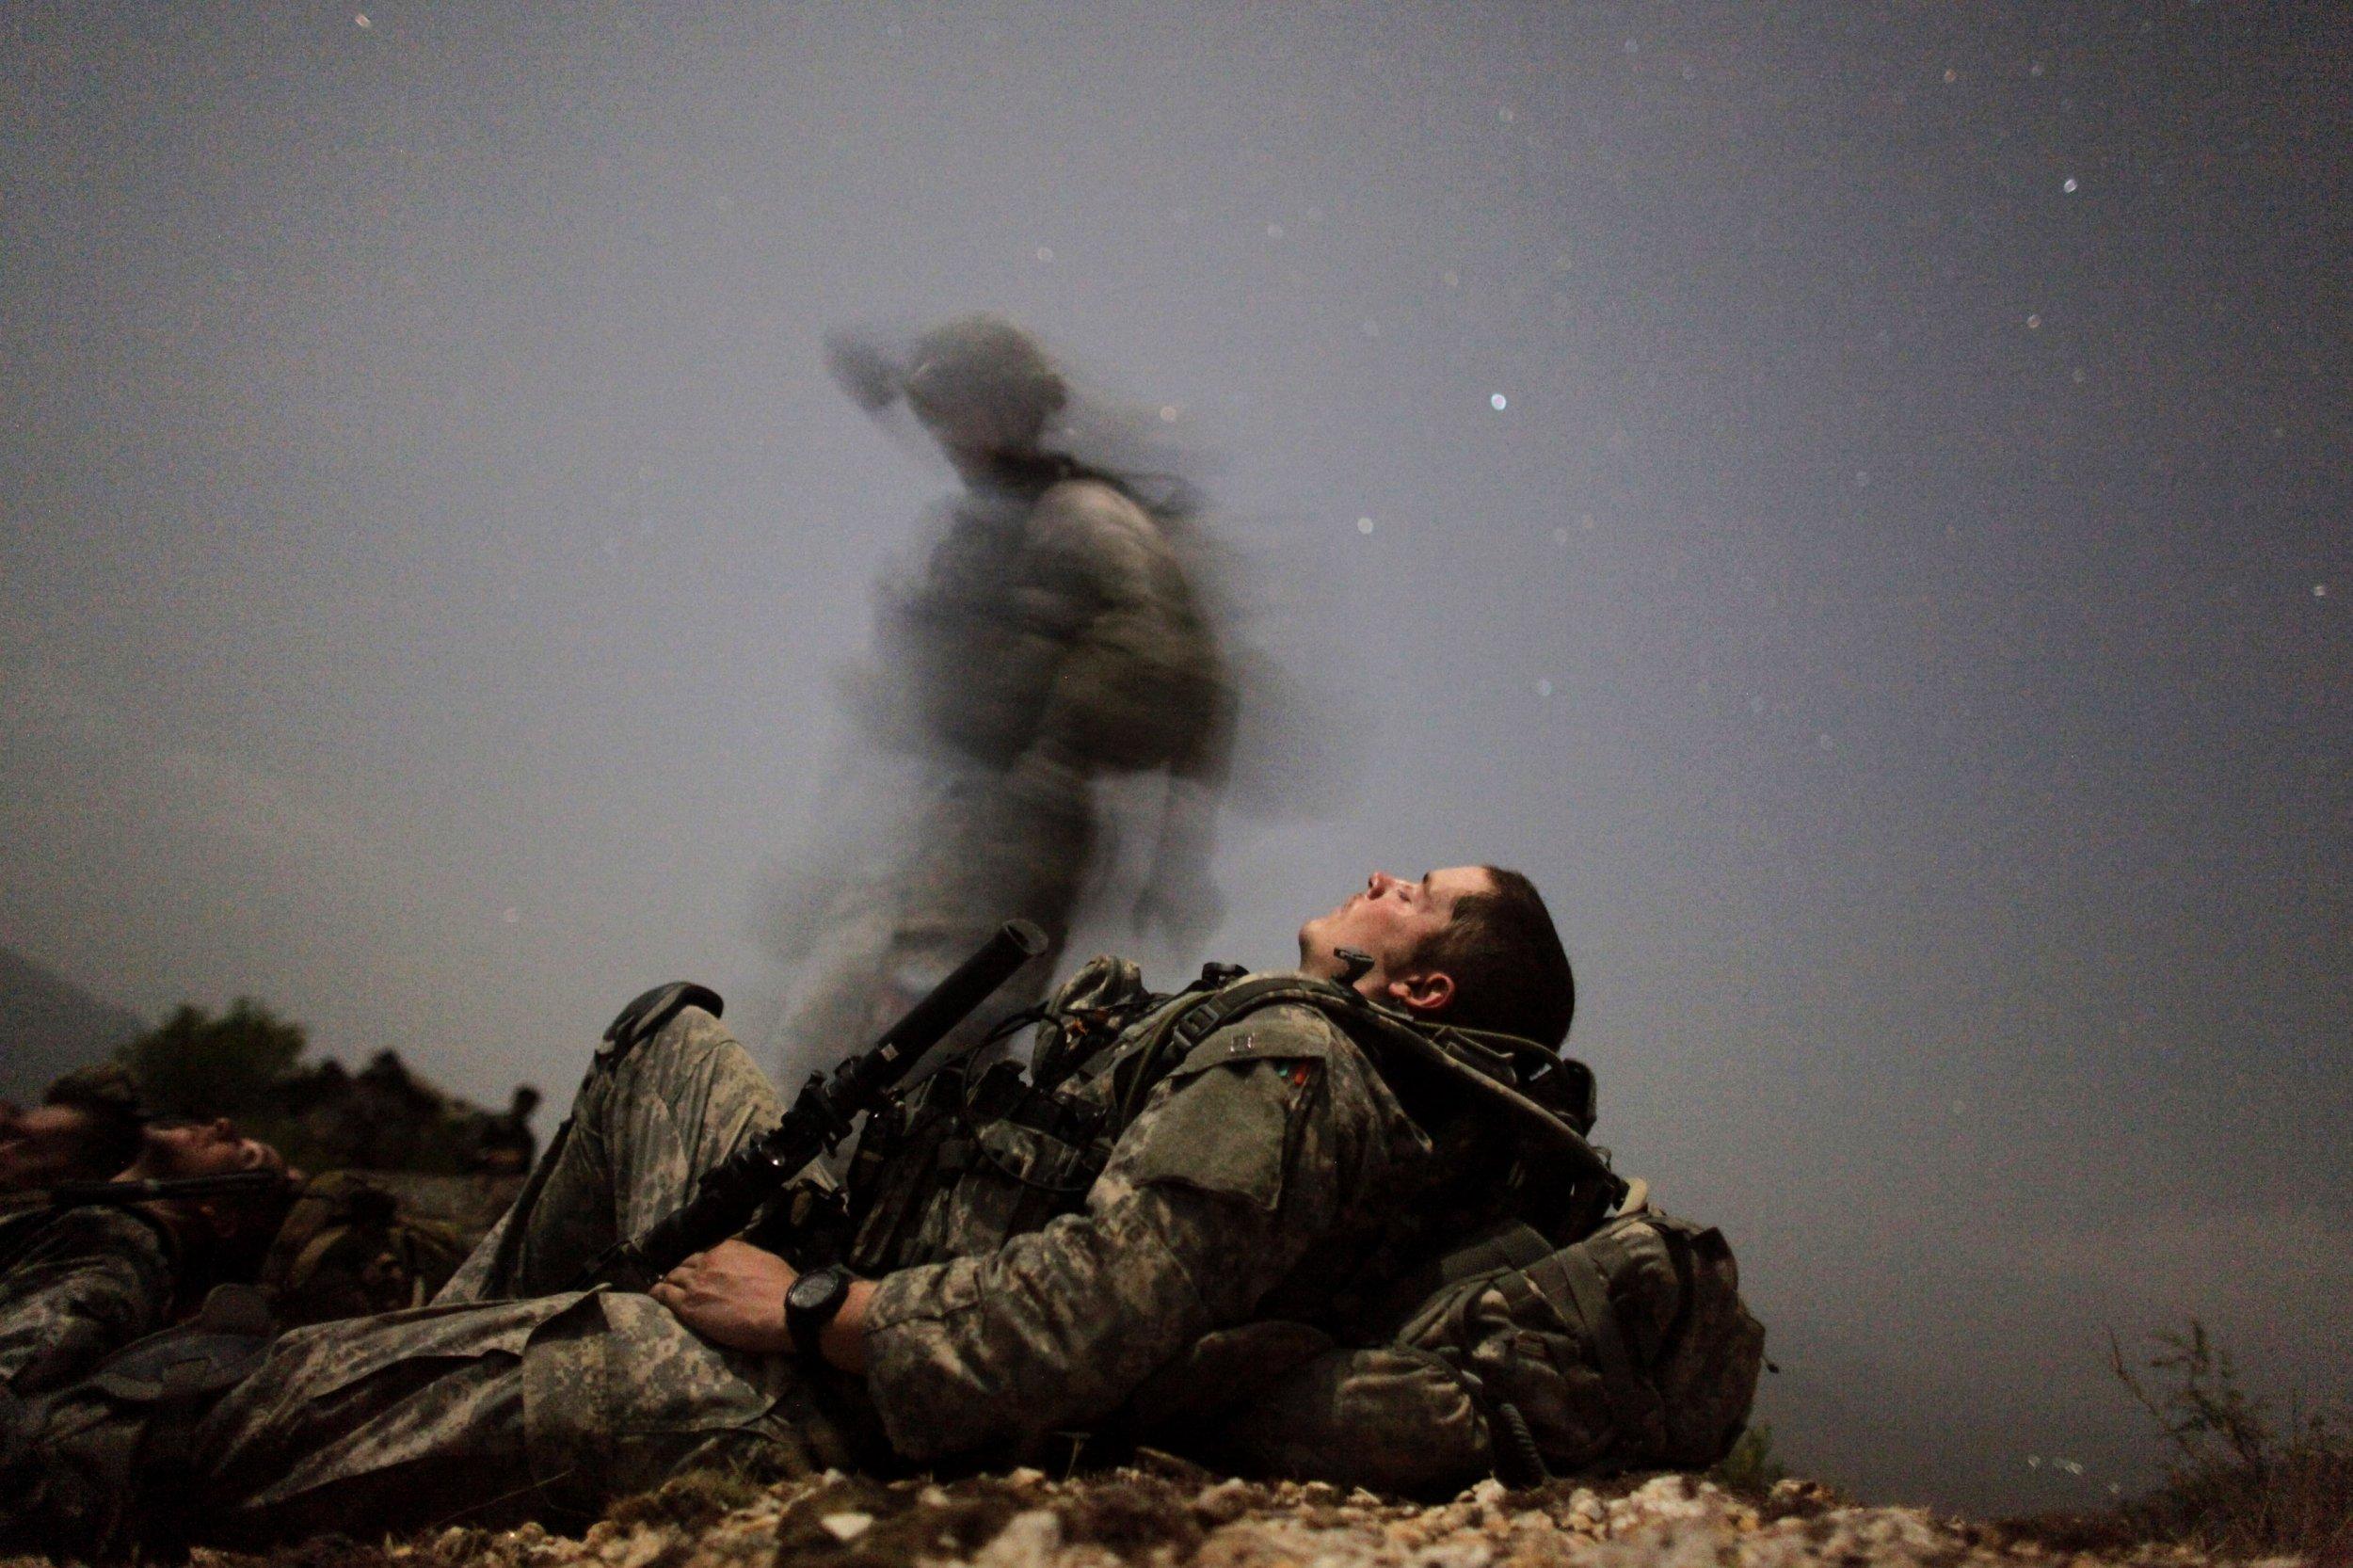 Afghanistan U.S. troops